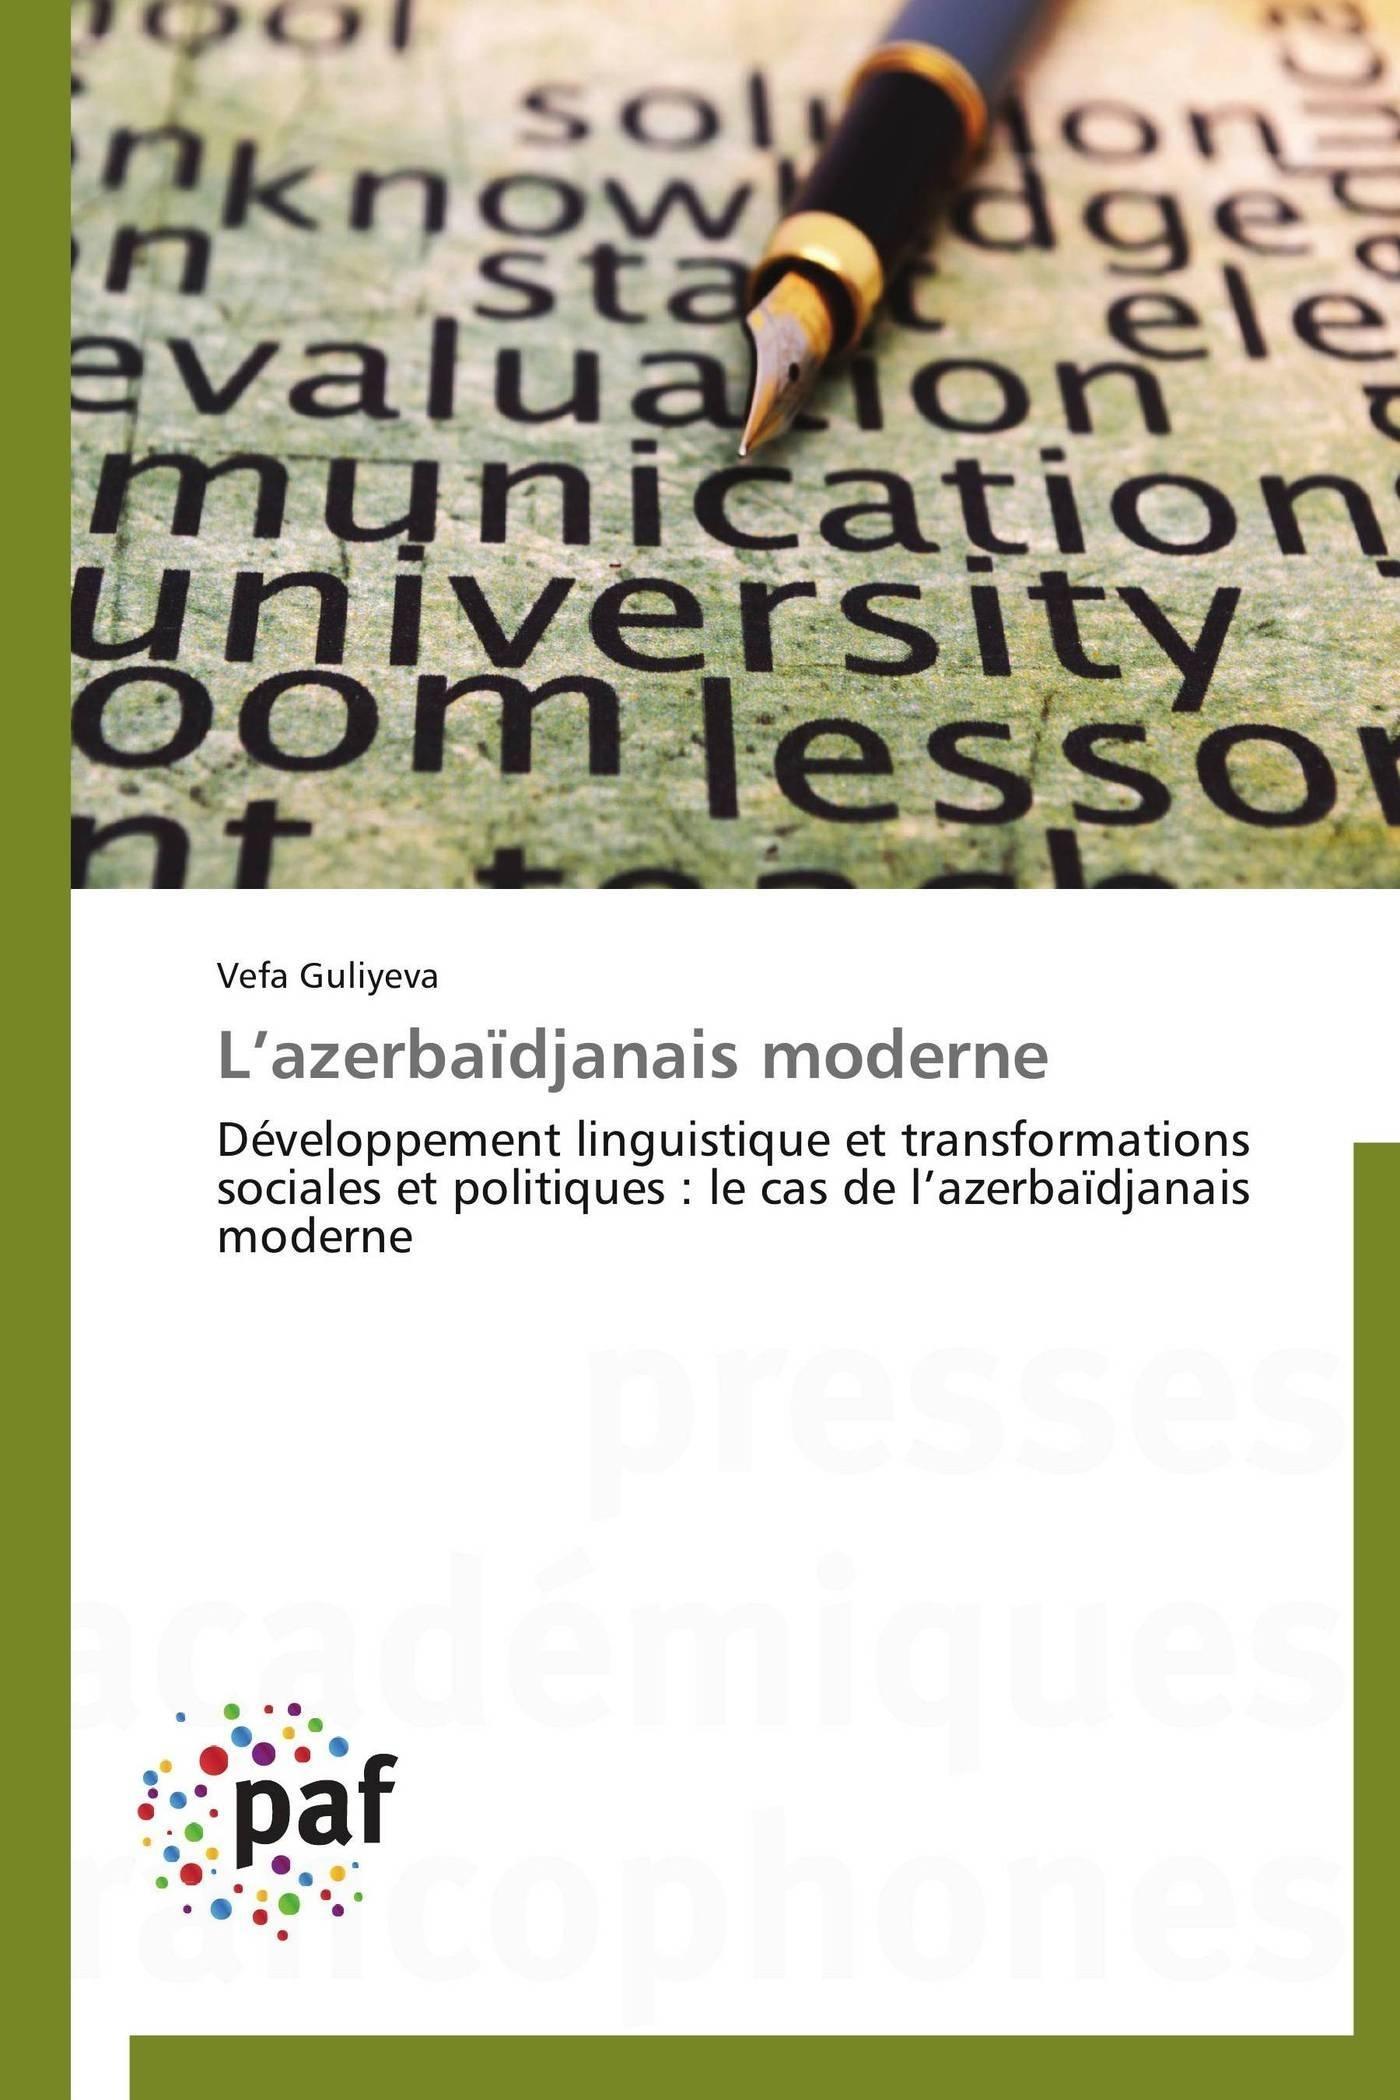 L AZERBAIDJANAIS MODERNE